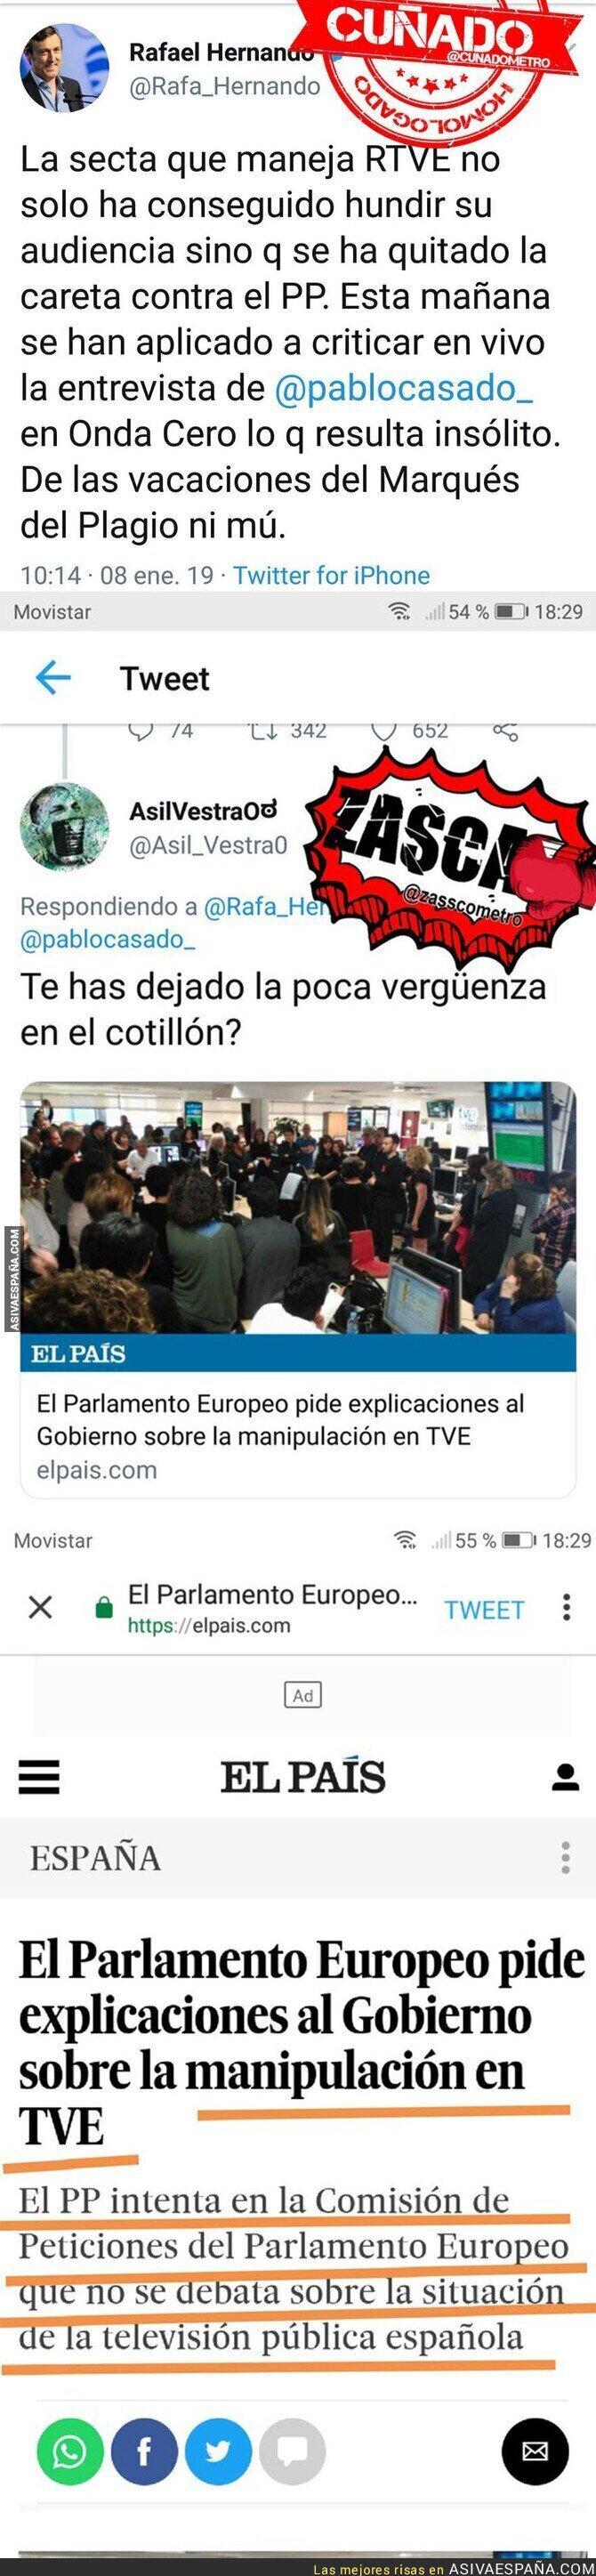 102122 - La desvergüenza de Rafael Hernando denunciando la situación en RTVE